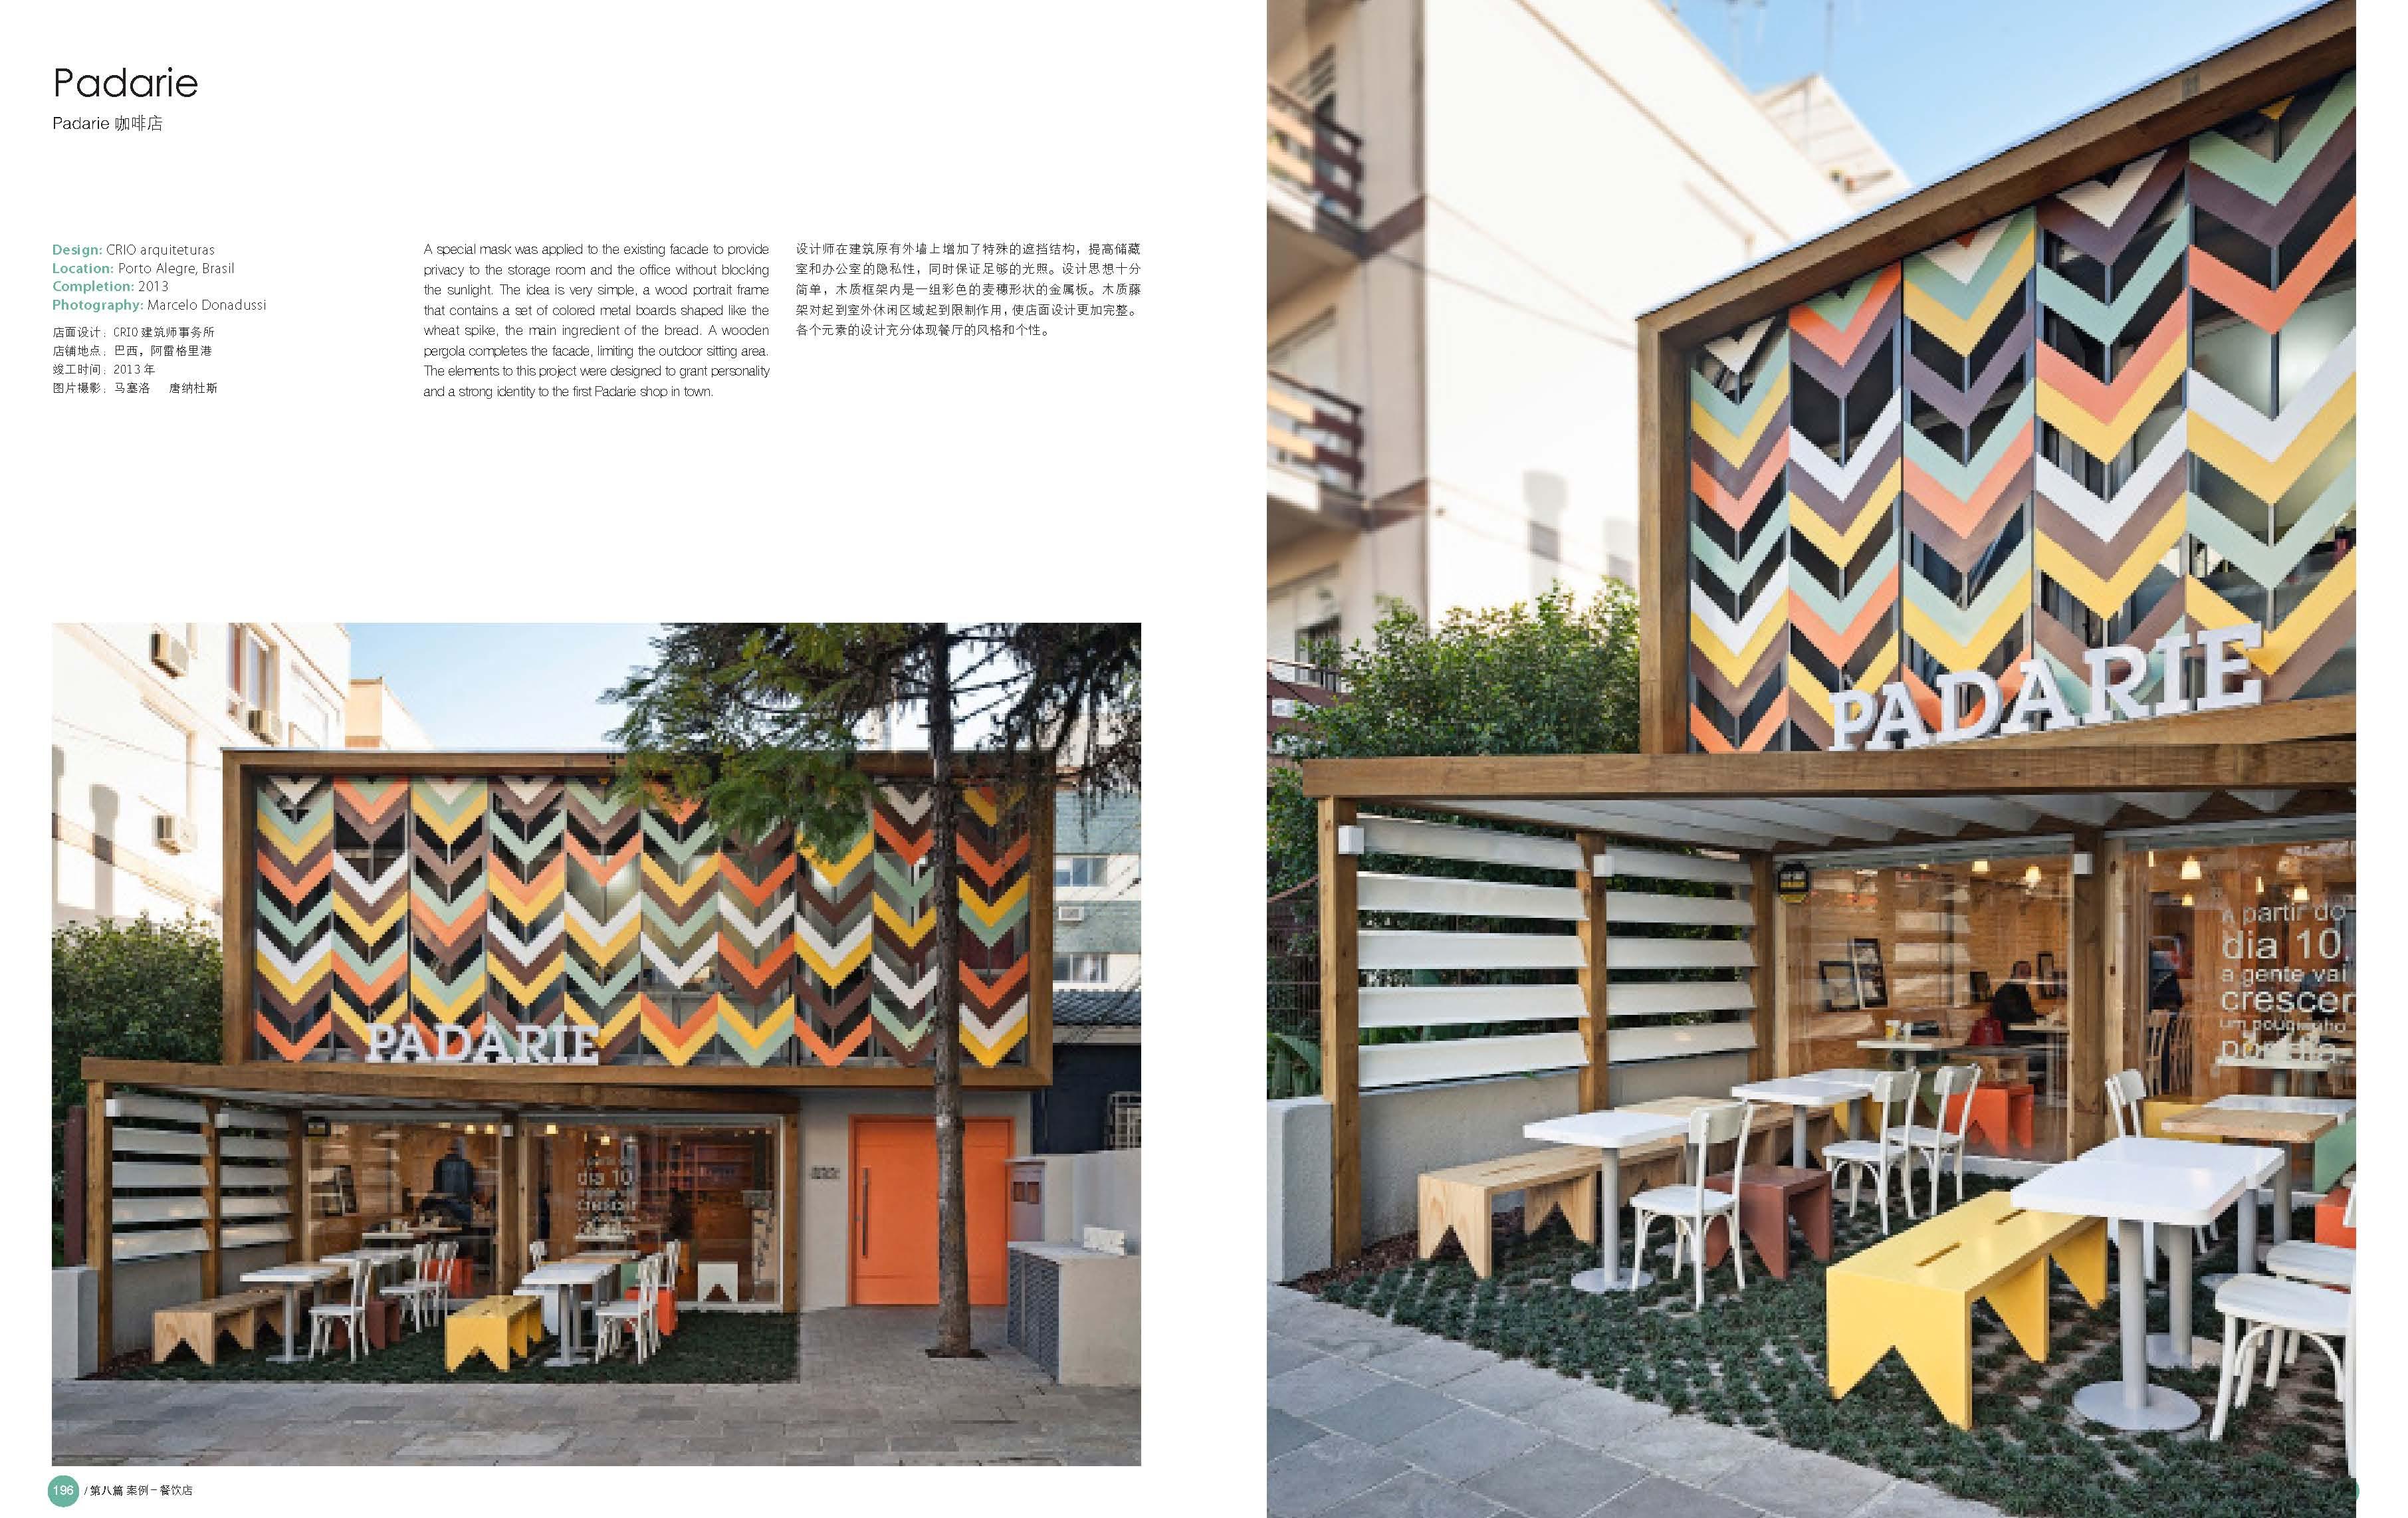 建筑 建筑艺术 商业店面设计   他原来是一位艺术家, 其创作是现代